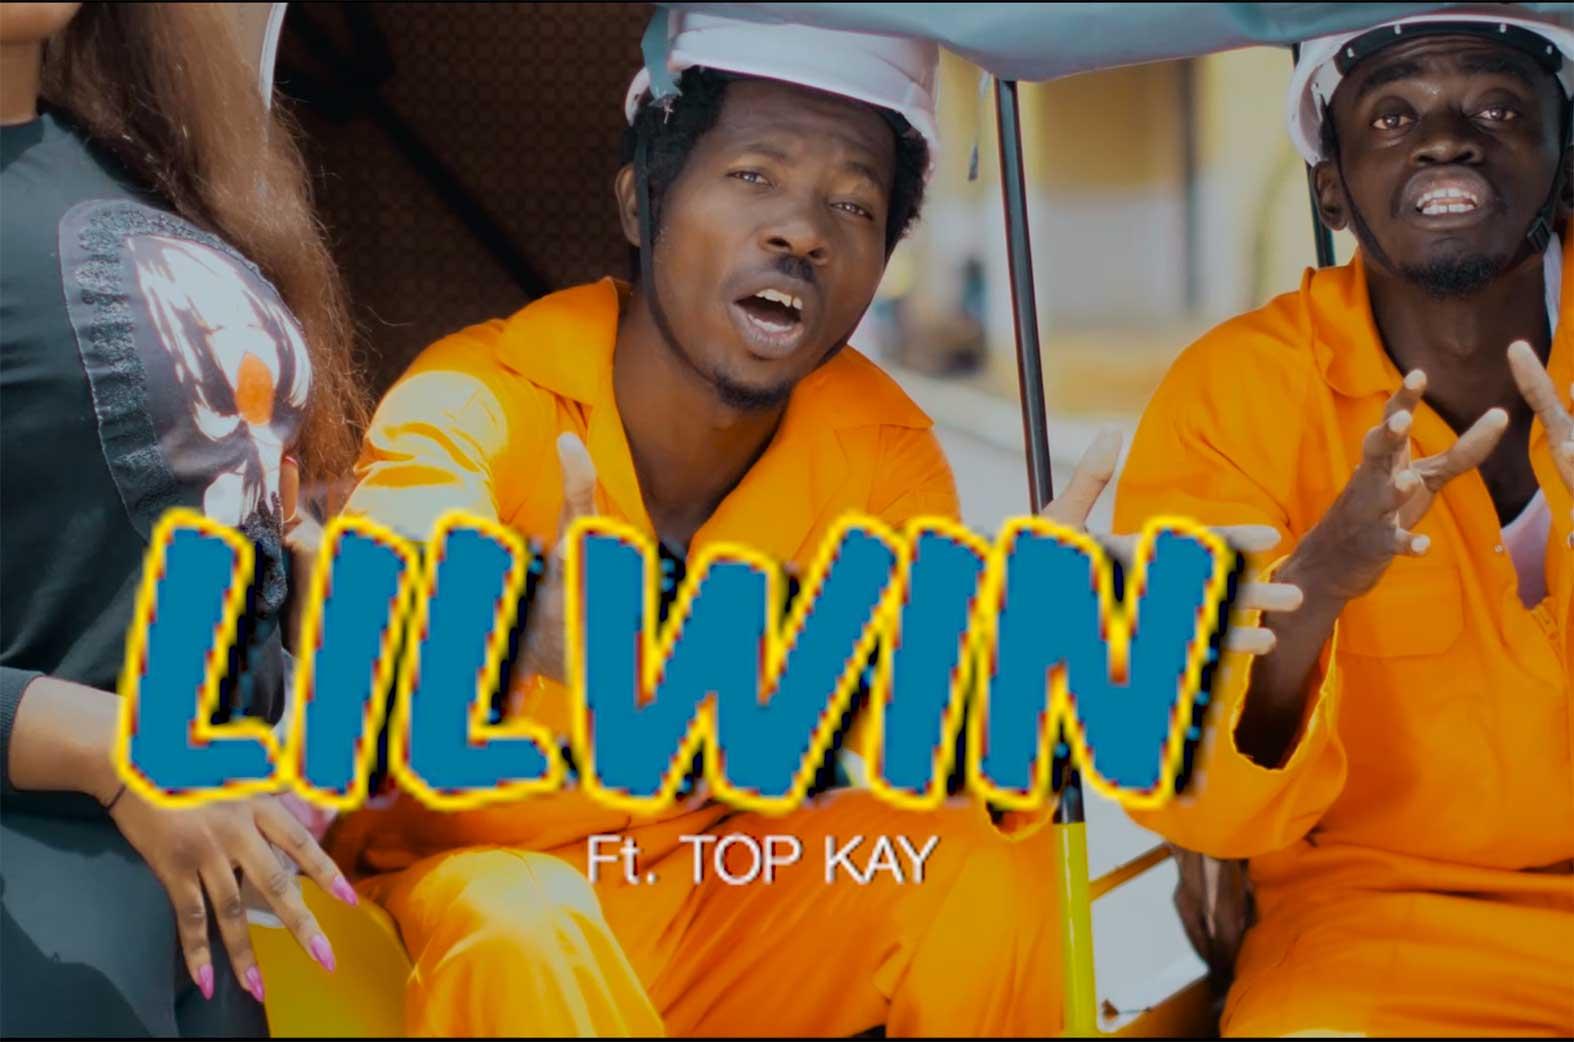 De3 Neto Soso by Lil Win feat. Top Kay